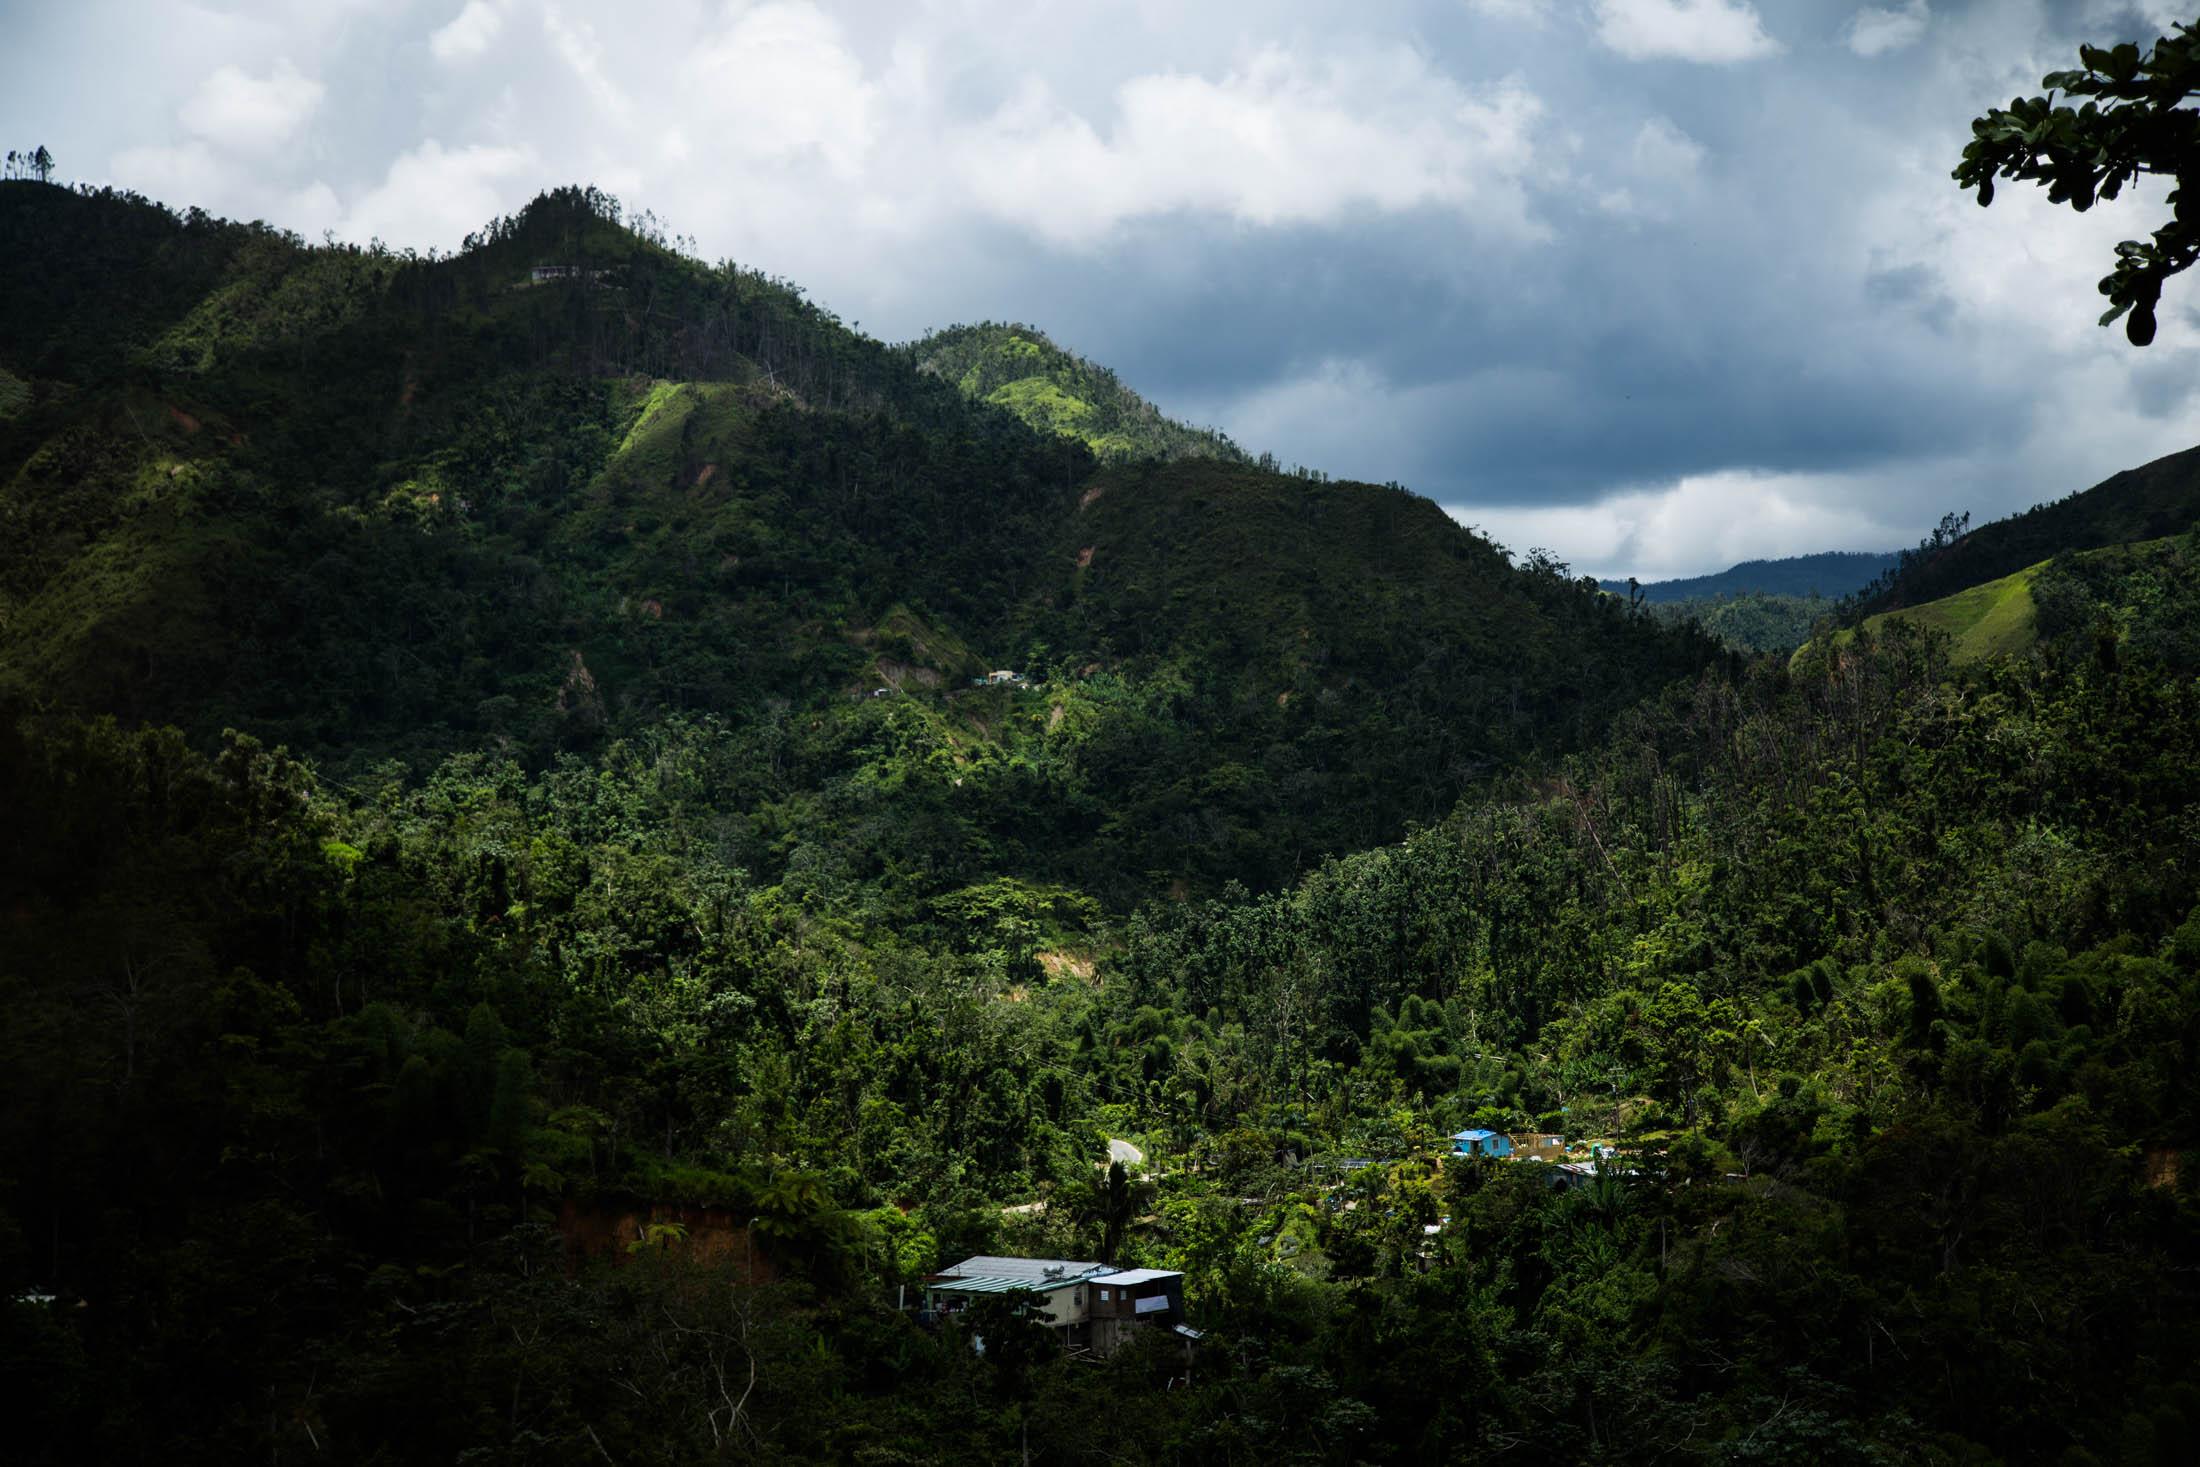 Vecinos en Utuado, Puerto Rico, vivieron sin servicios de agua y electricidad por meses. La organización Direct Relief finalizó recientemente un proyecto que permite a residentes, que antes lavaban su ropa en el río, contar con una lavandería solar. (Foto por Erika Rodríguez para Direct Relief)